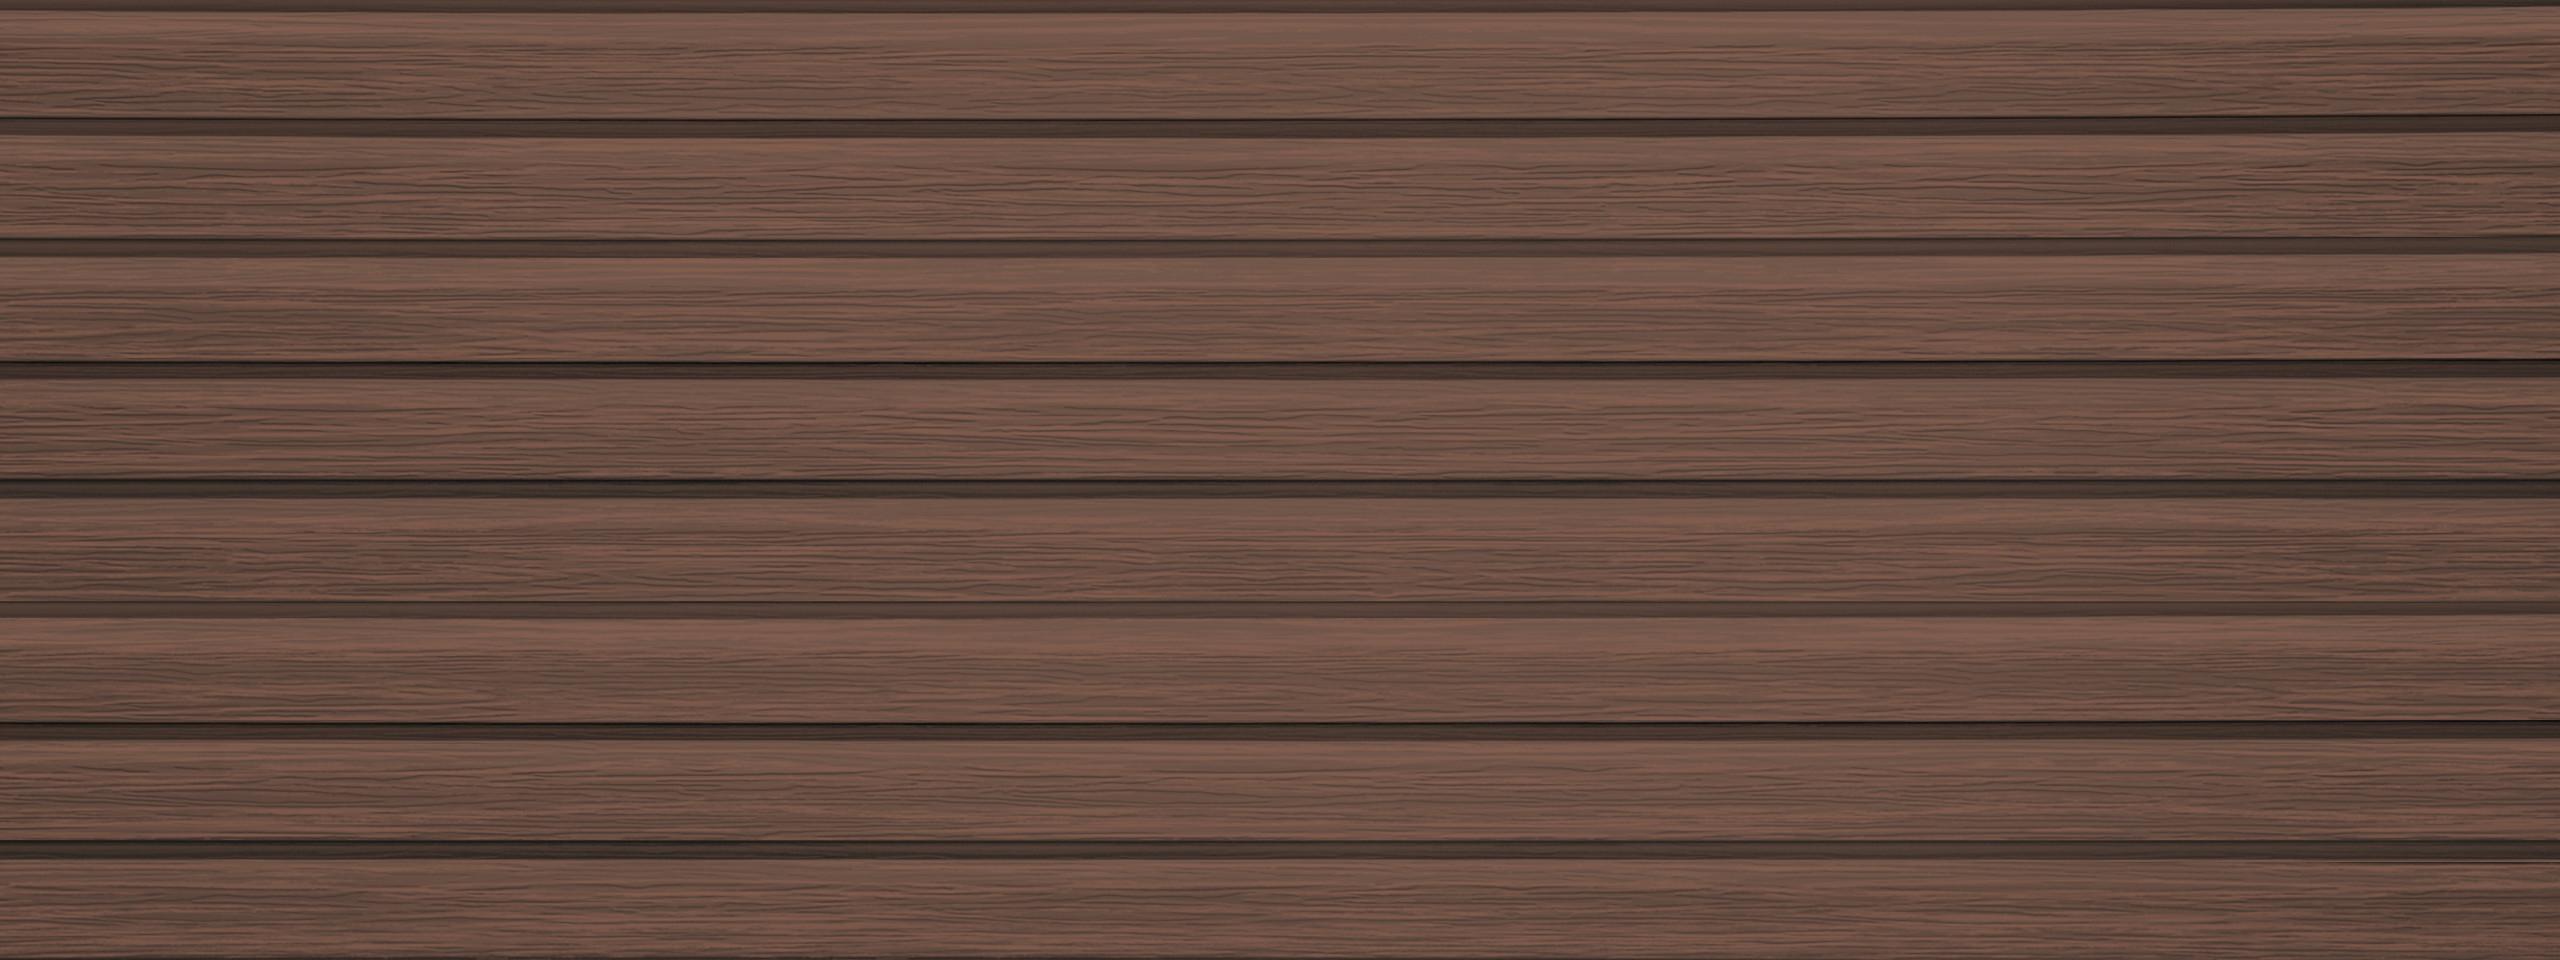 Entex dutchlap mahogany hd steel siding